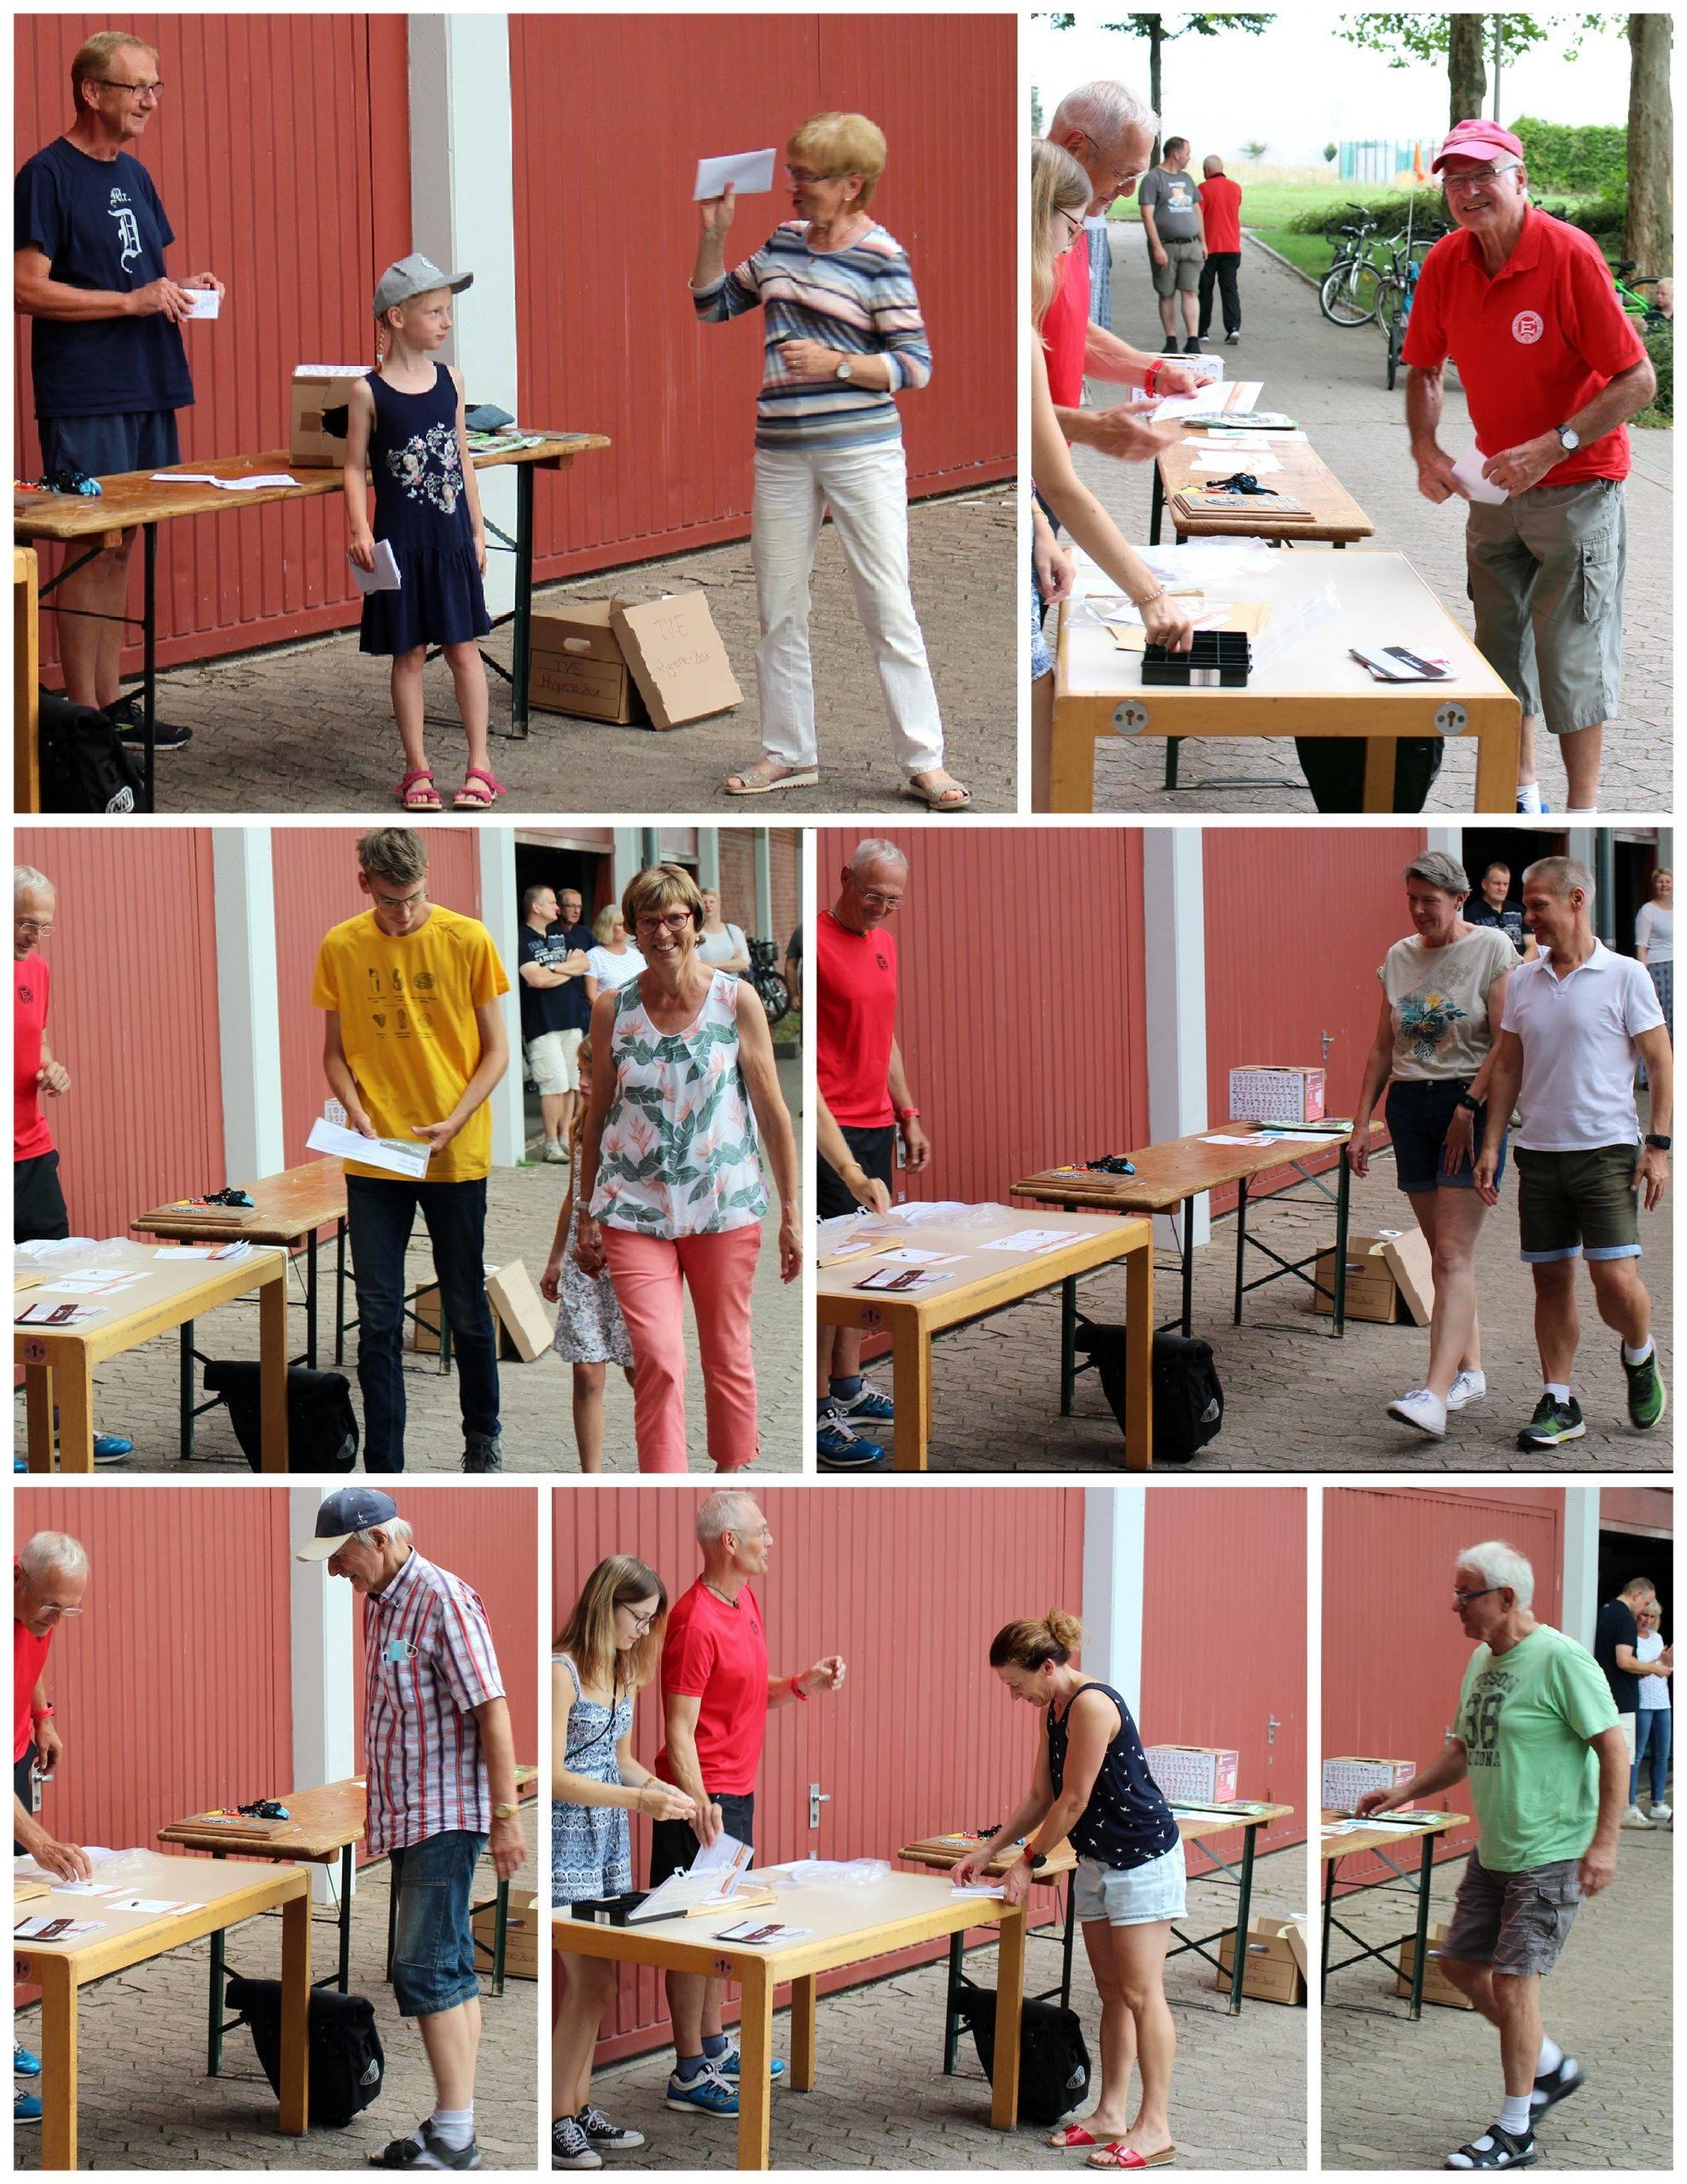 ubergabe-sportabzeichen-collage-2